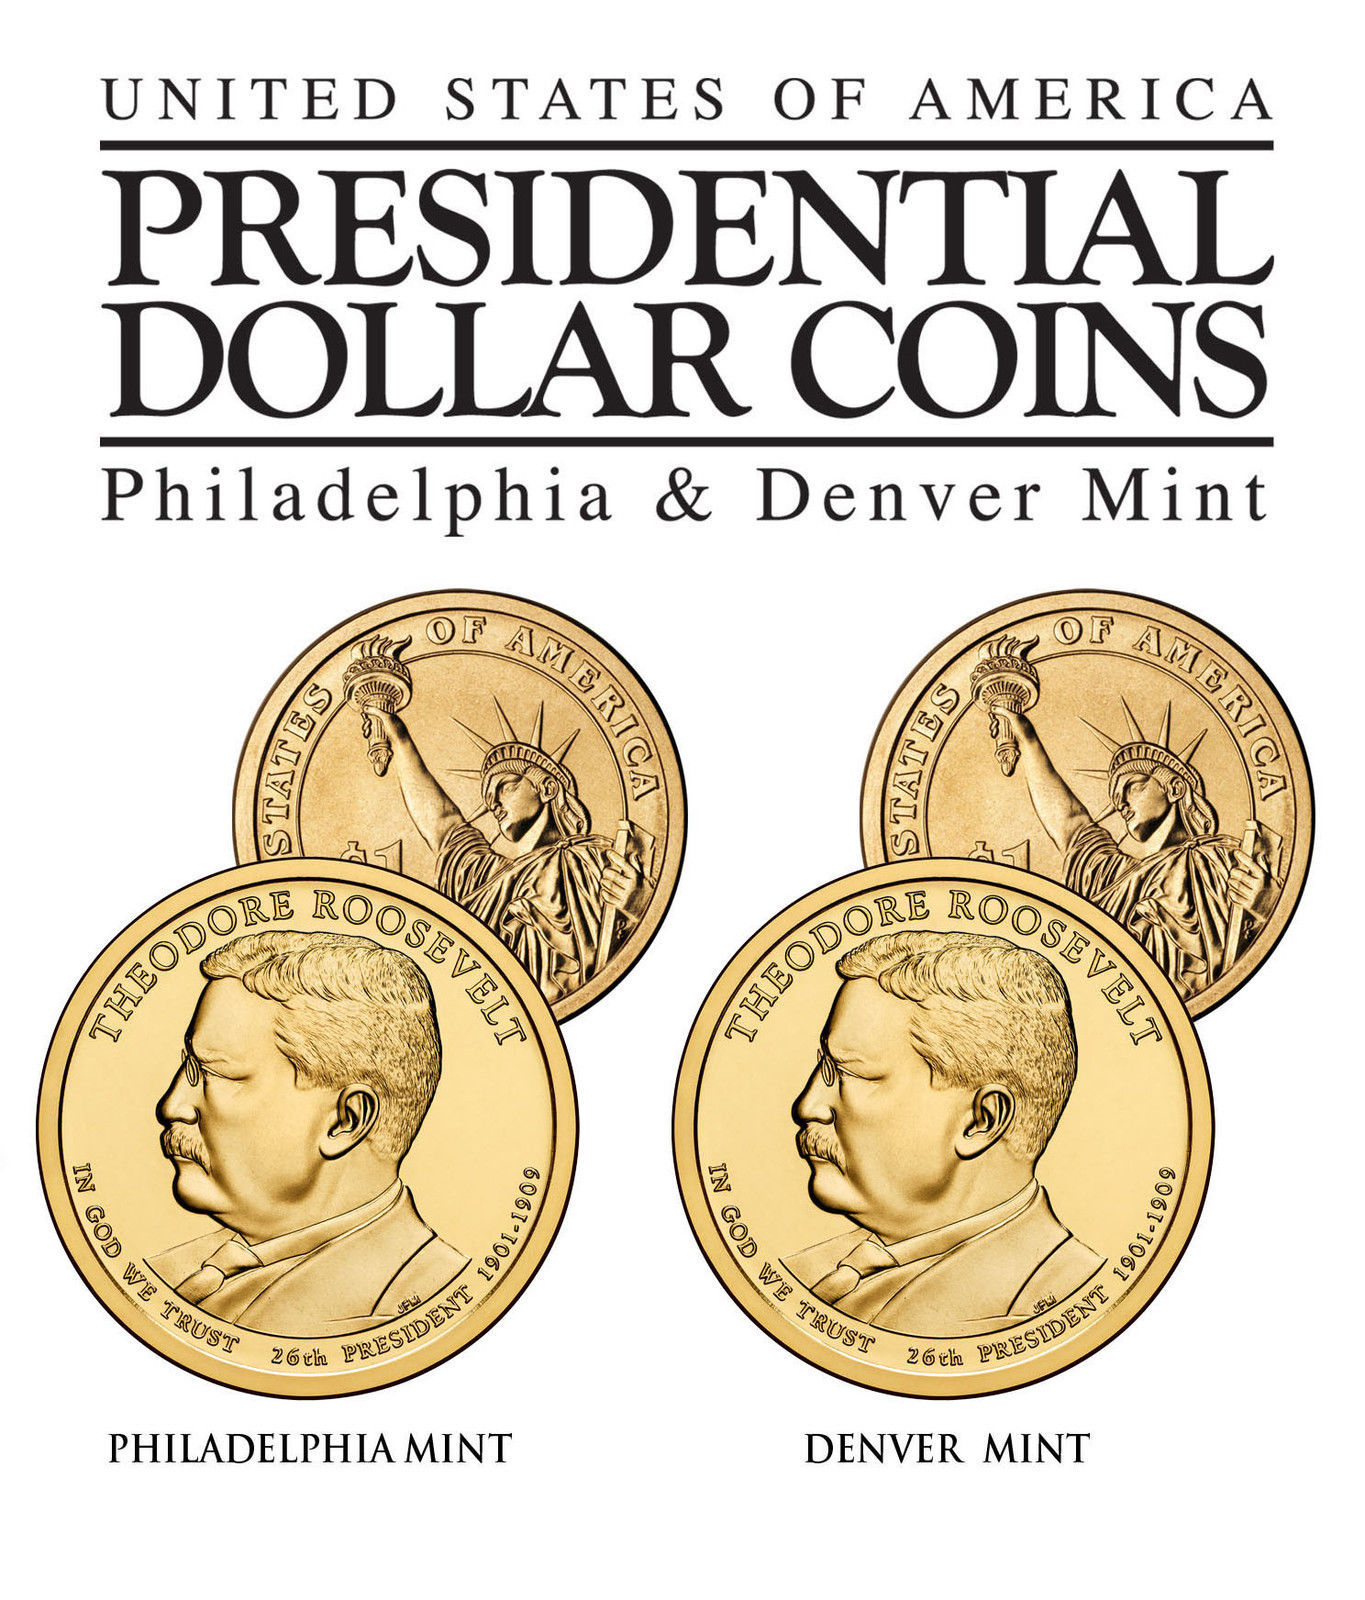 President Theodore Roosevelt Presidential 1 Dollar 2